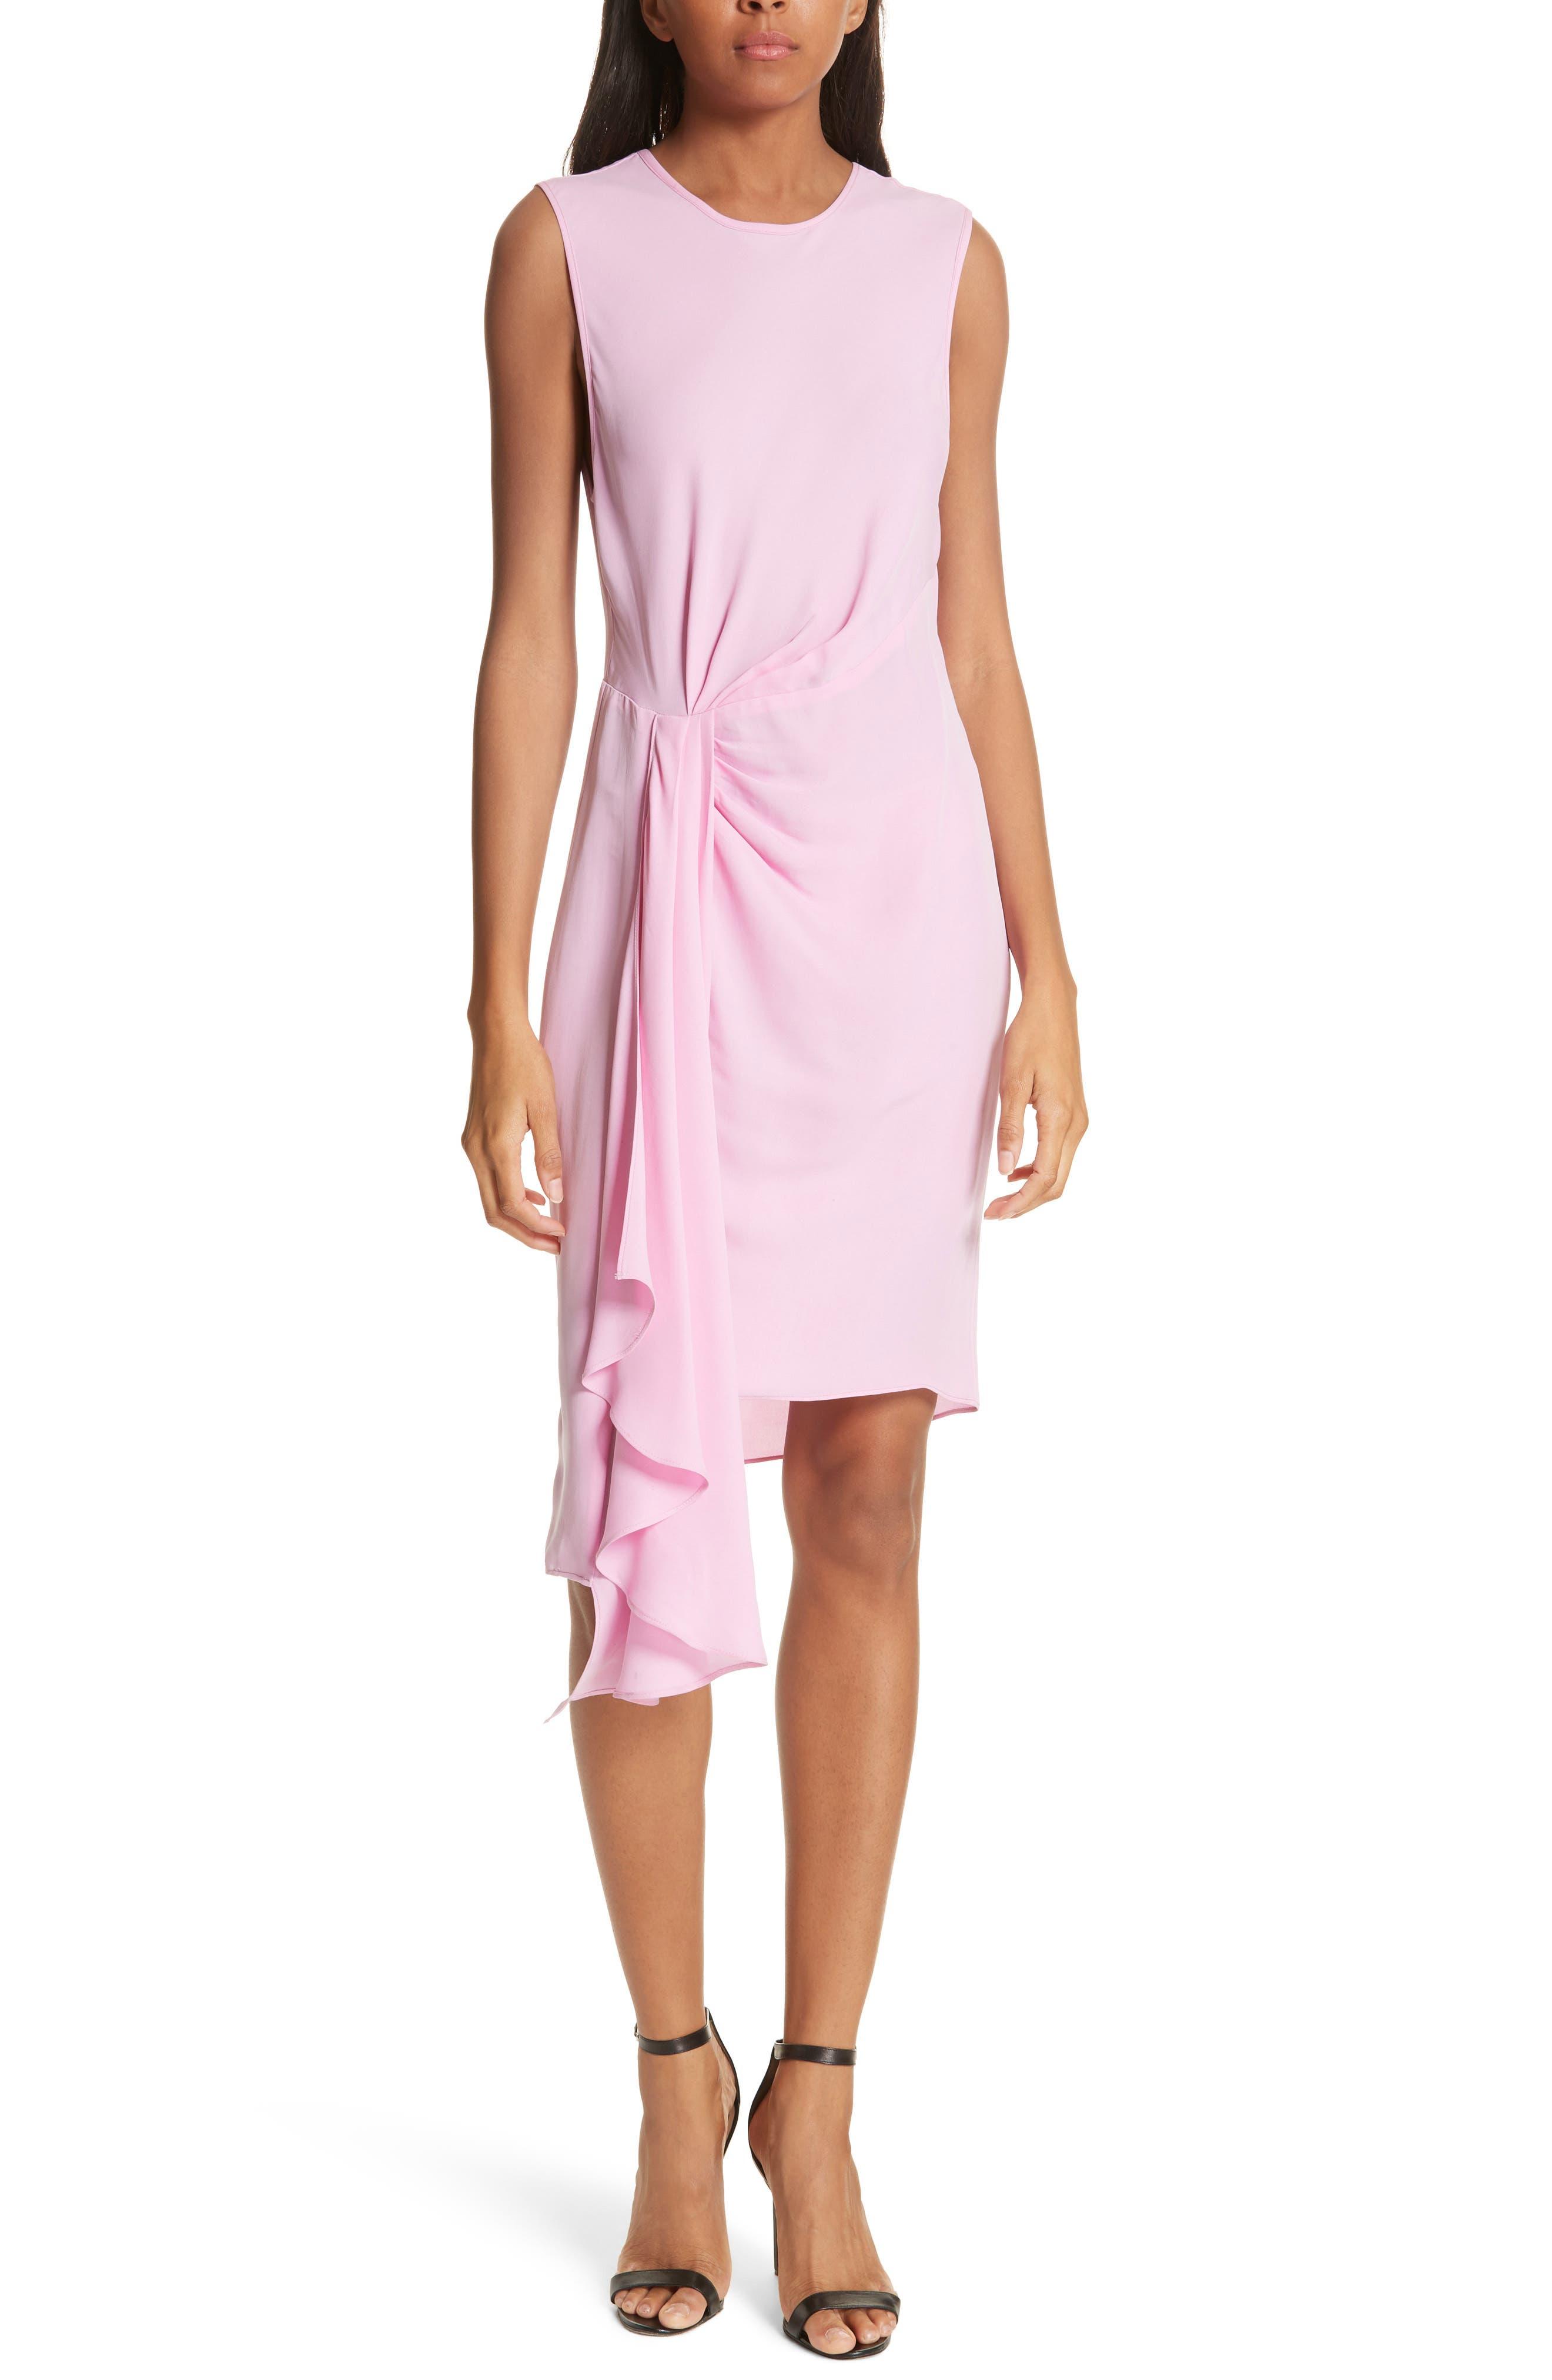 Rachael Front Drape Dress,                             Main thumbnail 1, color,                             Bubblegum